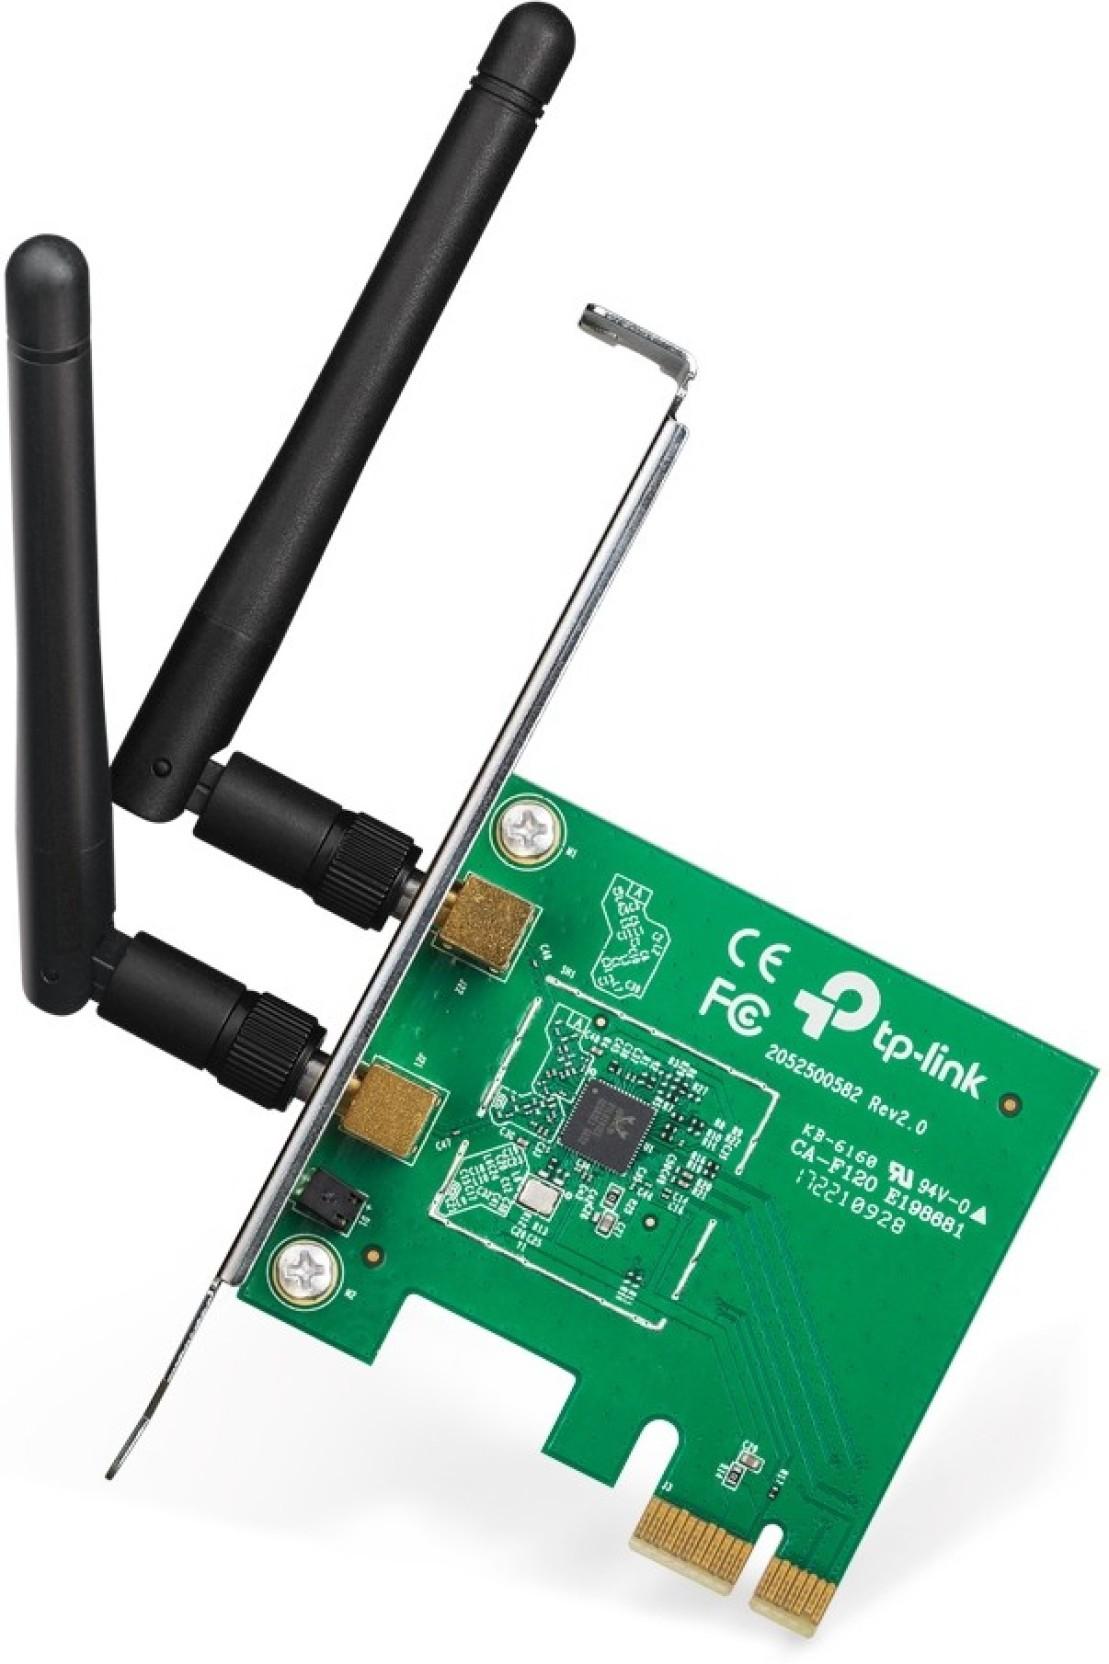 InternalWiFi adapter.jpeg